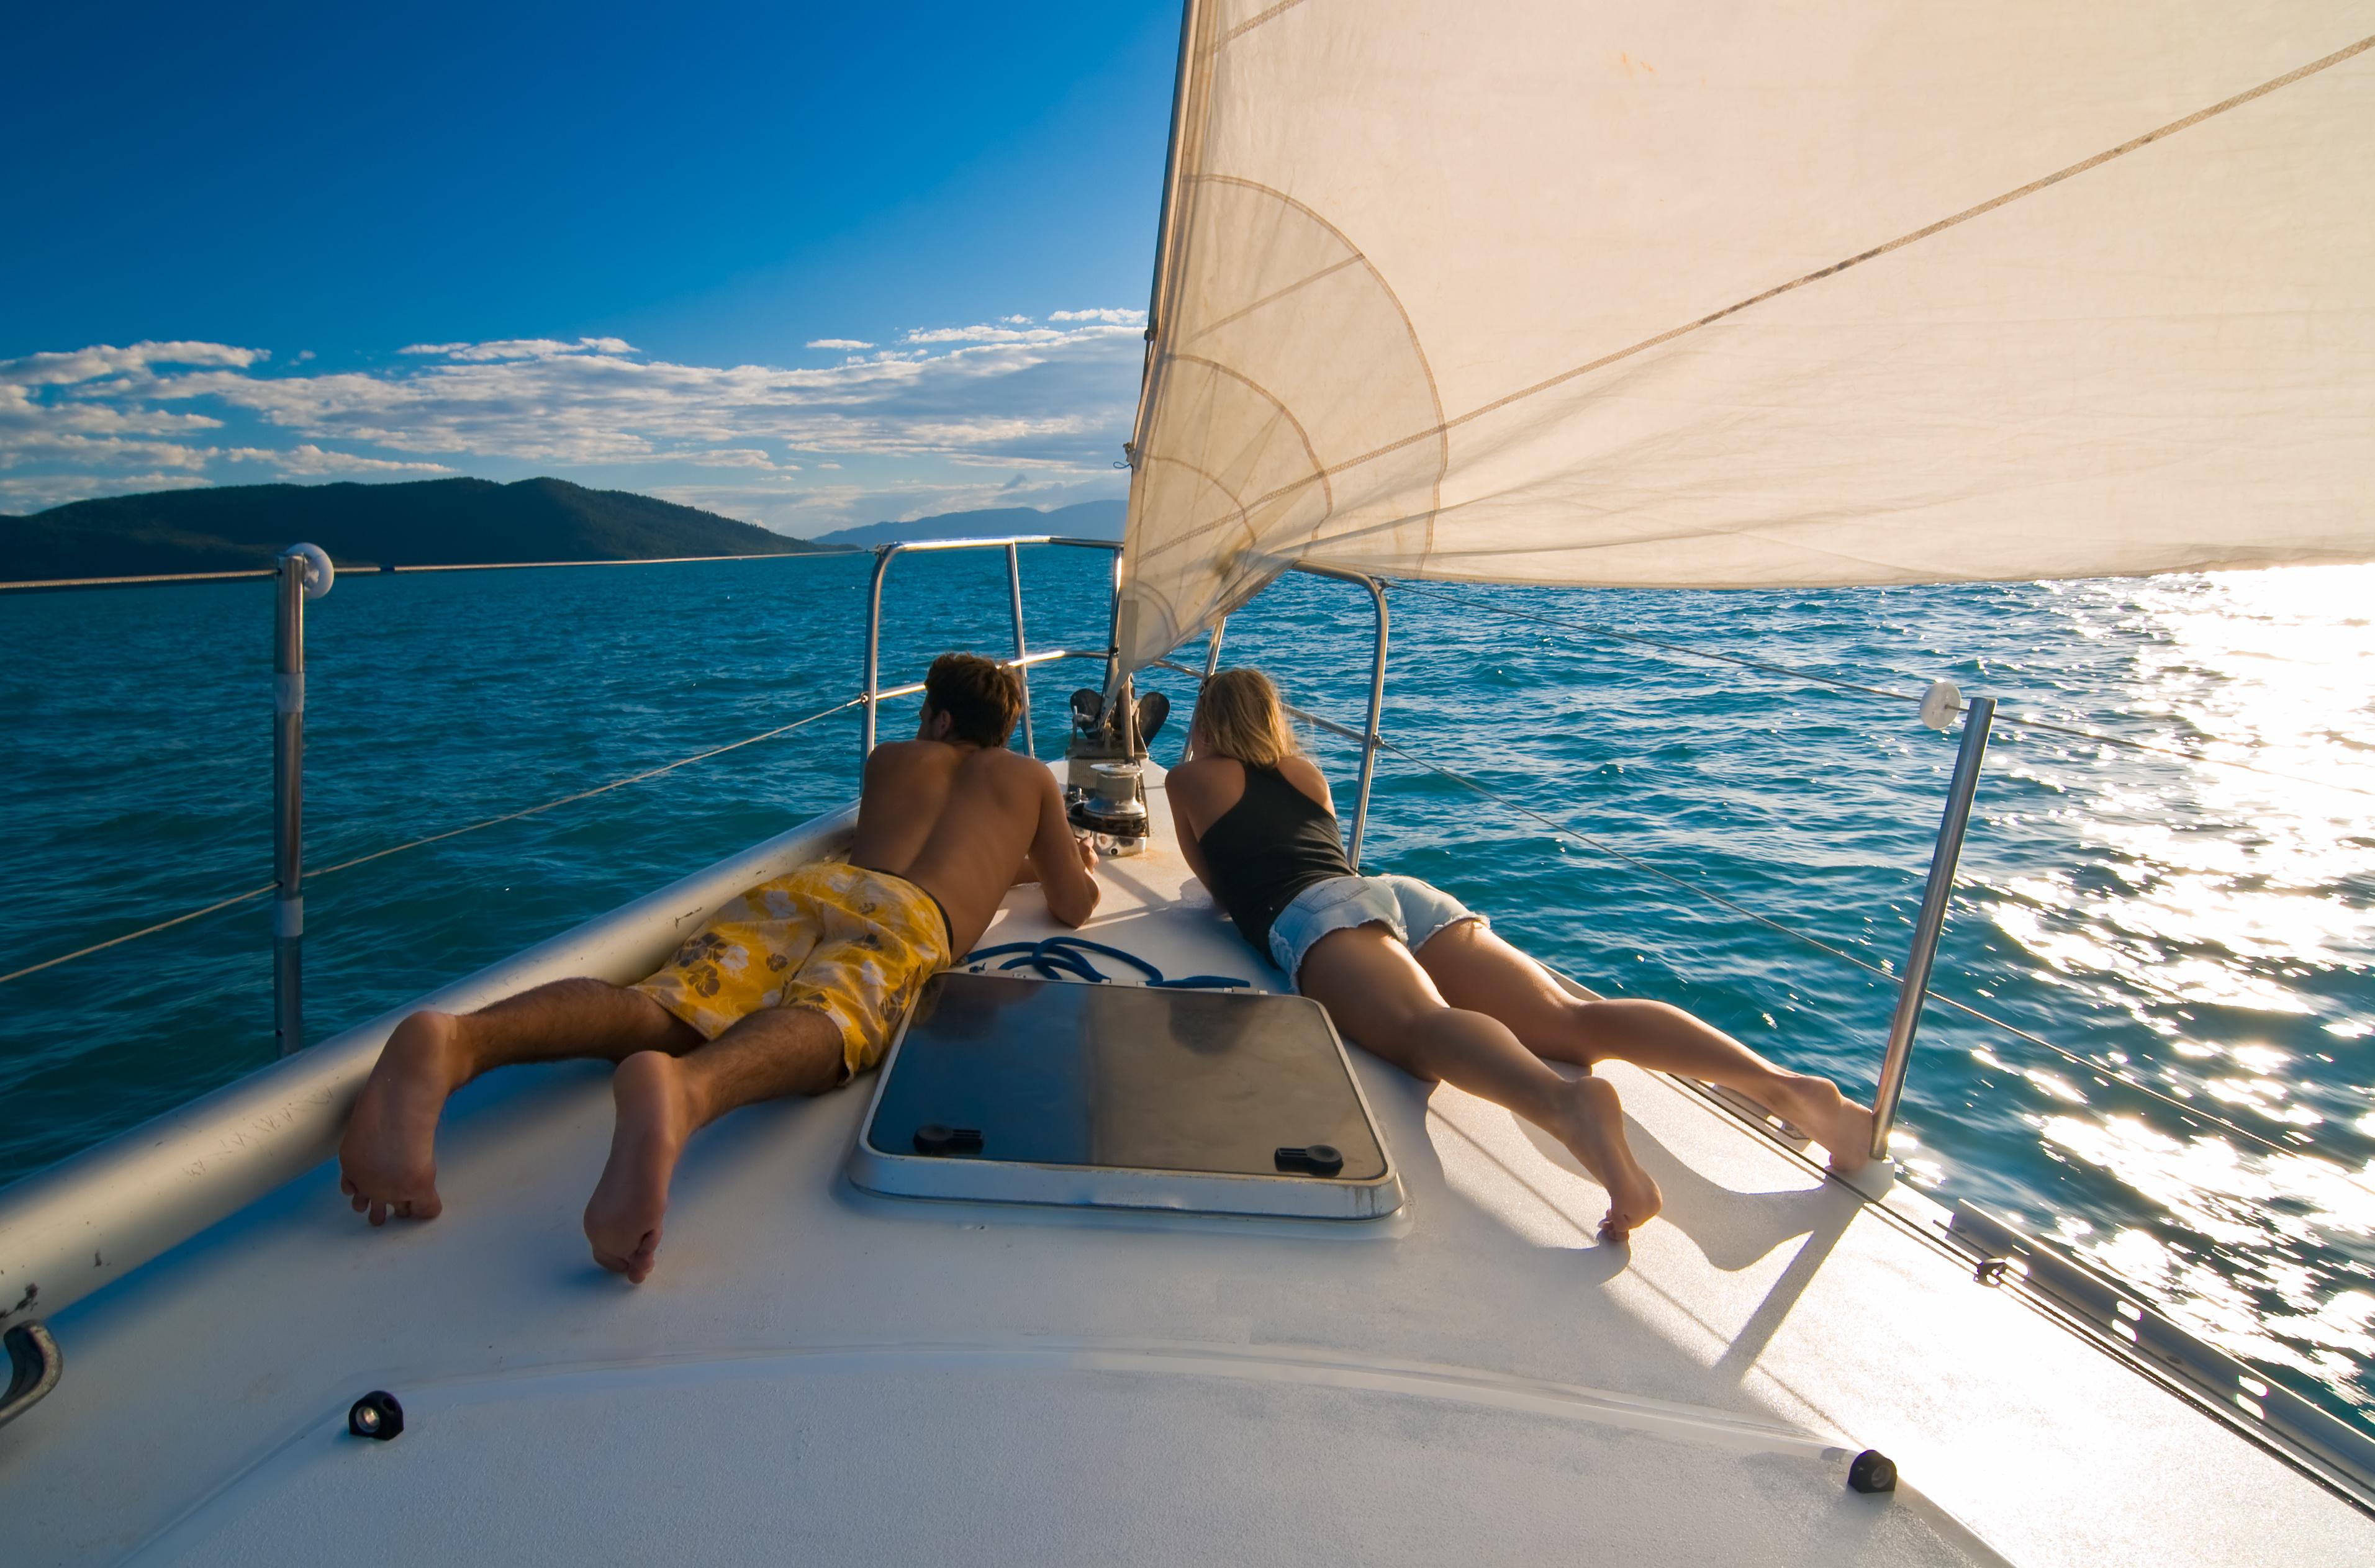 ヨットでカップルがいちゃついている様子